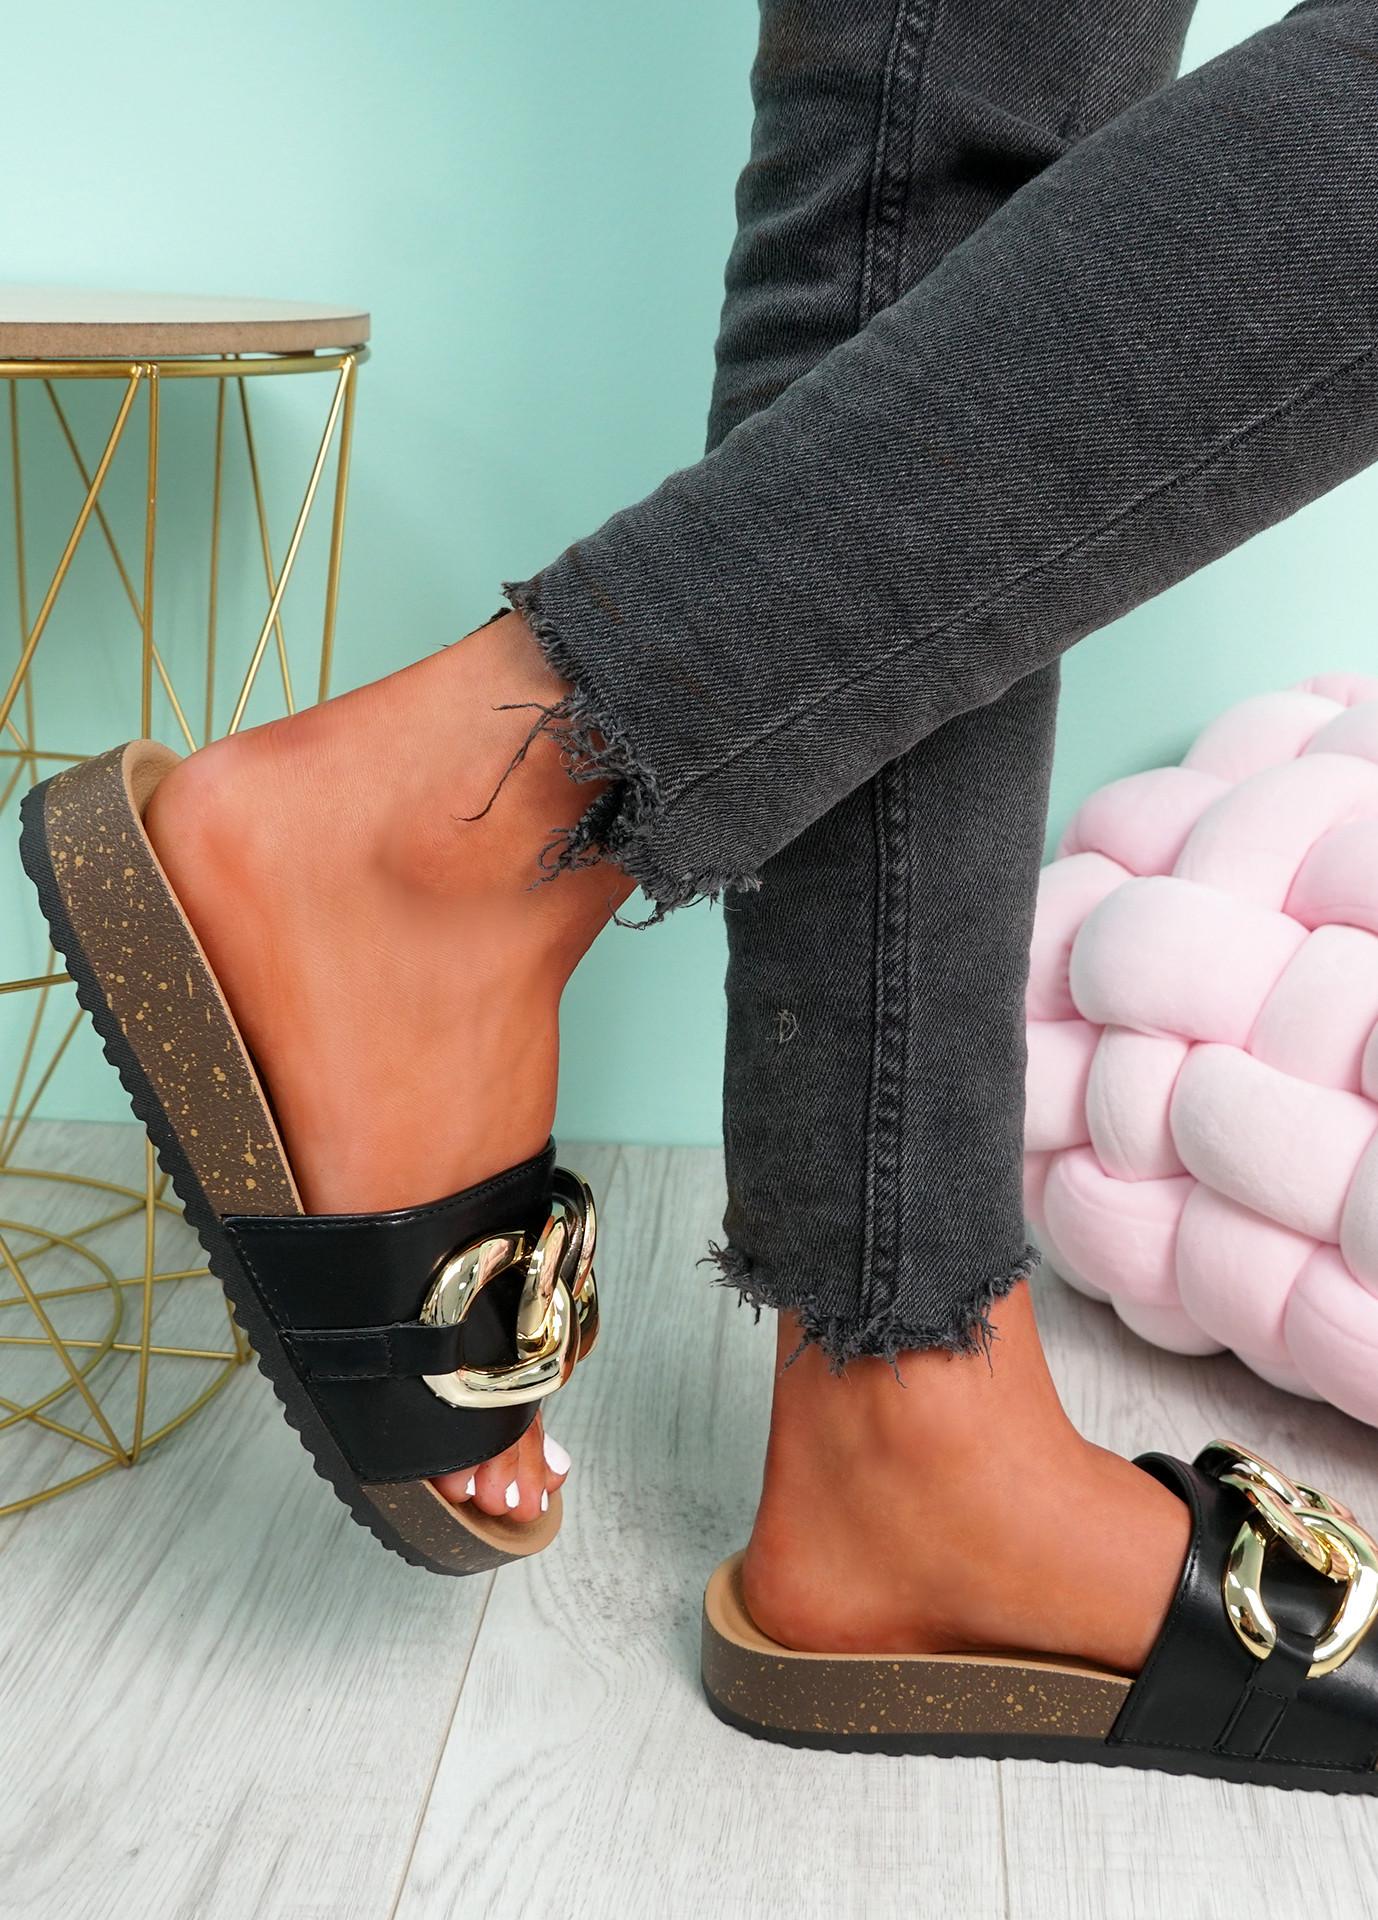 Samma Black Platform Chain Sandals